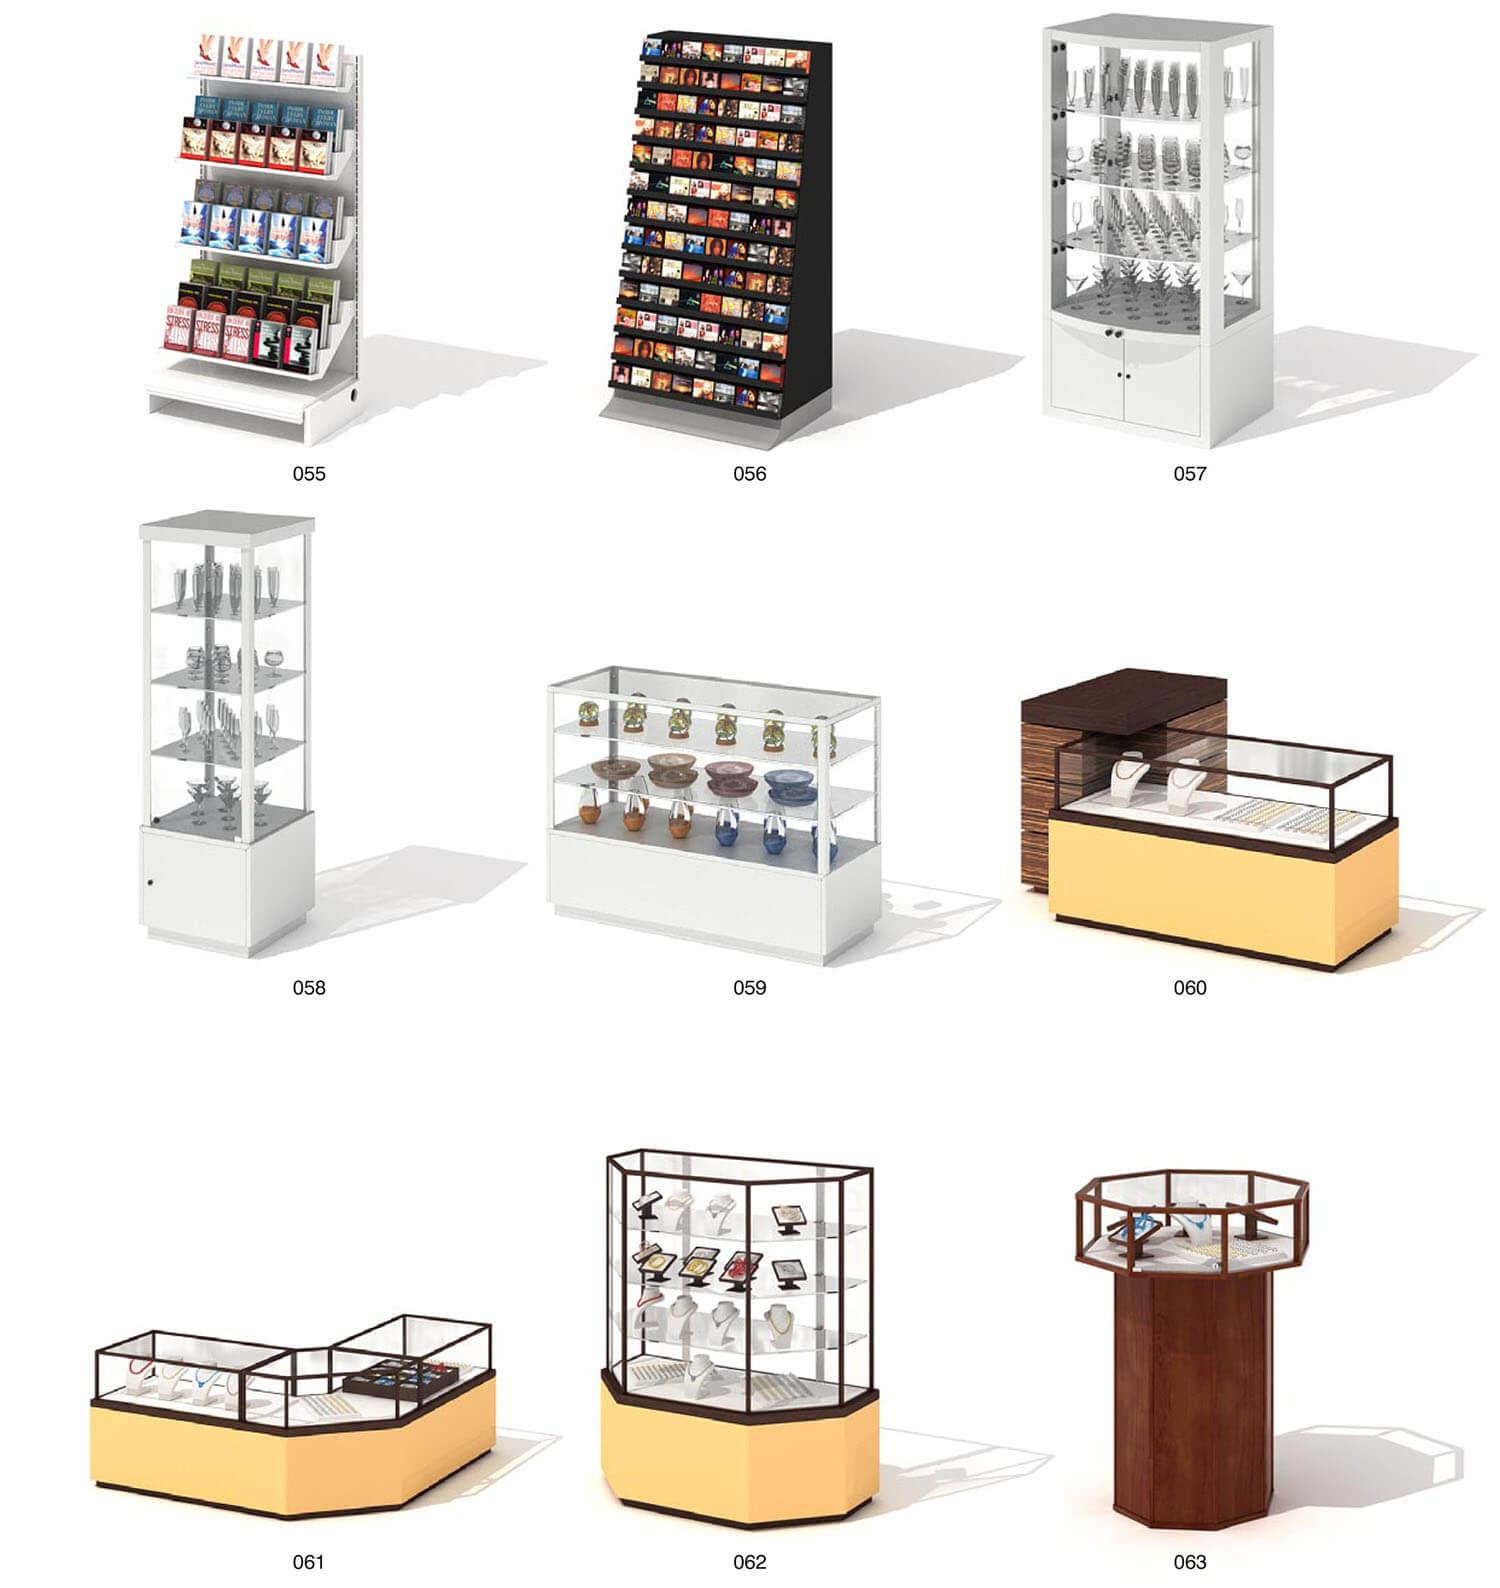 Một số mẫu tủ kính bán và trưng bày trang sức trong các cửa hàng vàng bạc, đá quý